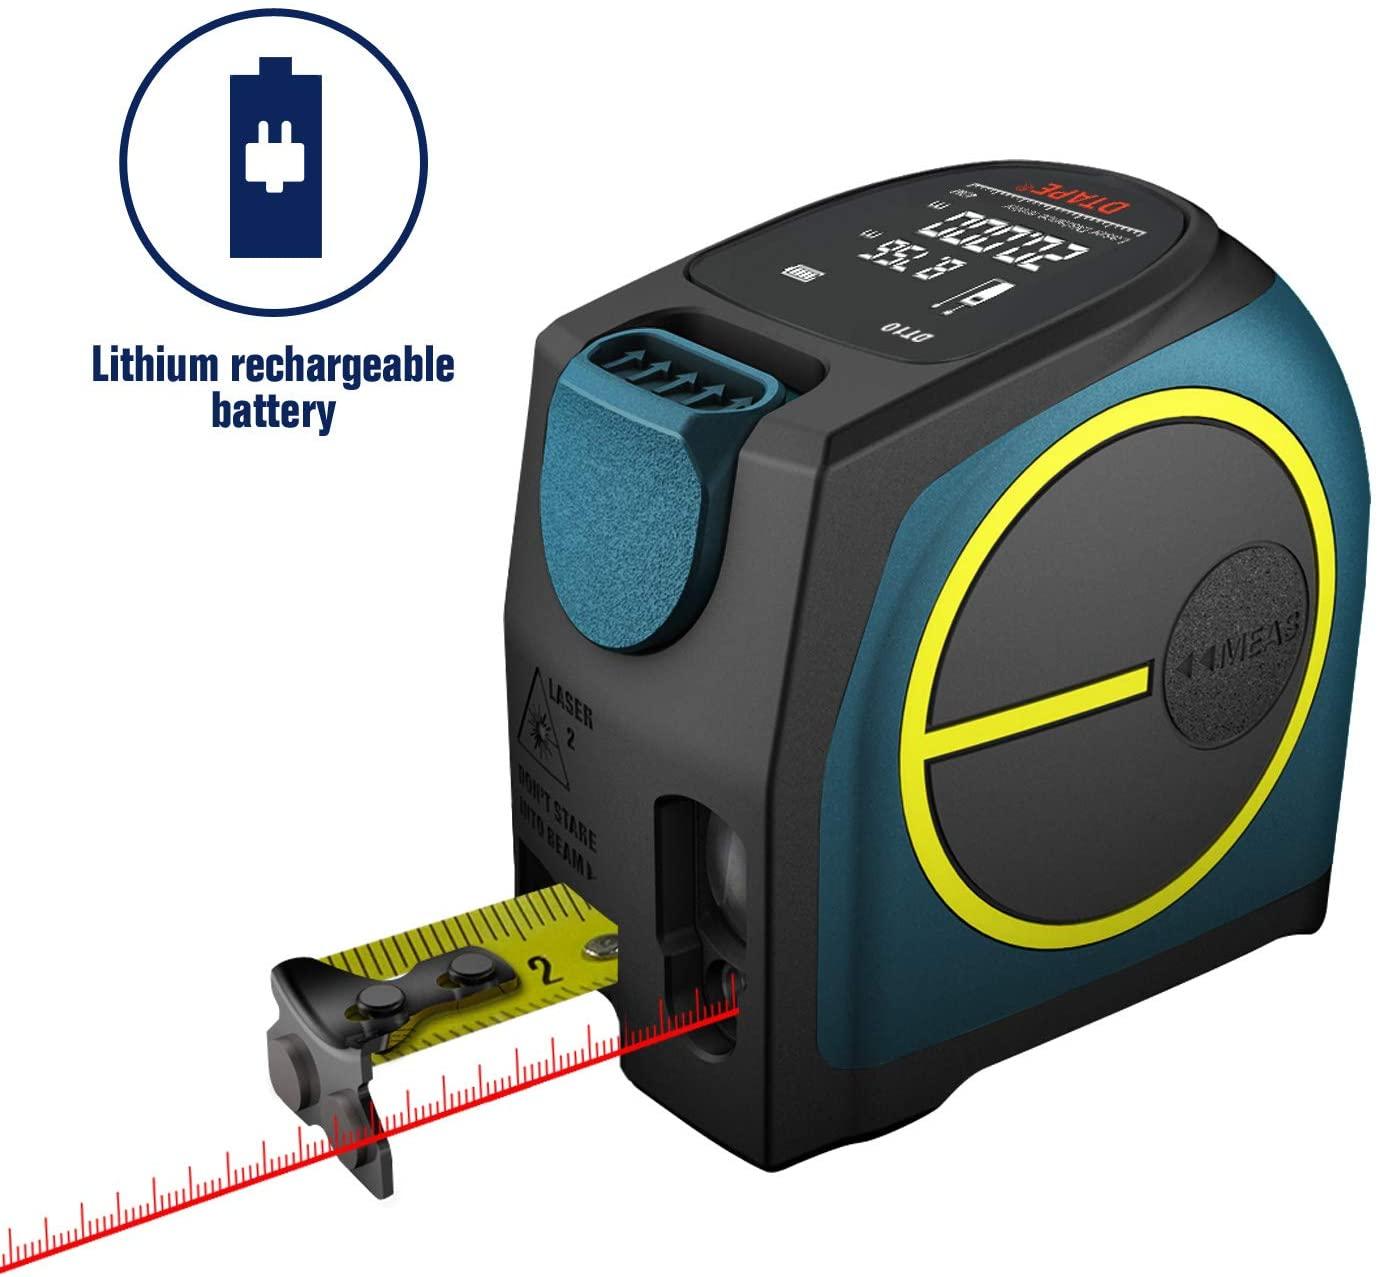 DTAPE Laser Tape Measure 2-in-1,laser measurement 131Ft silent laser range finder USB rechargeable color LCD display, measuring distance, IP54 waterproof, tape length 16Ft, Nylon Coating for DIY